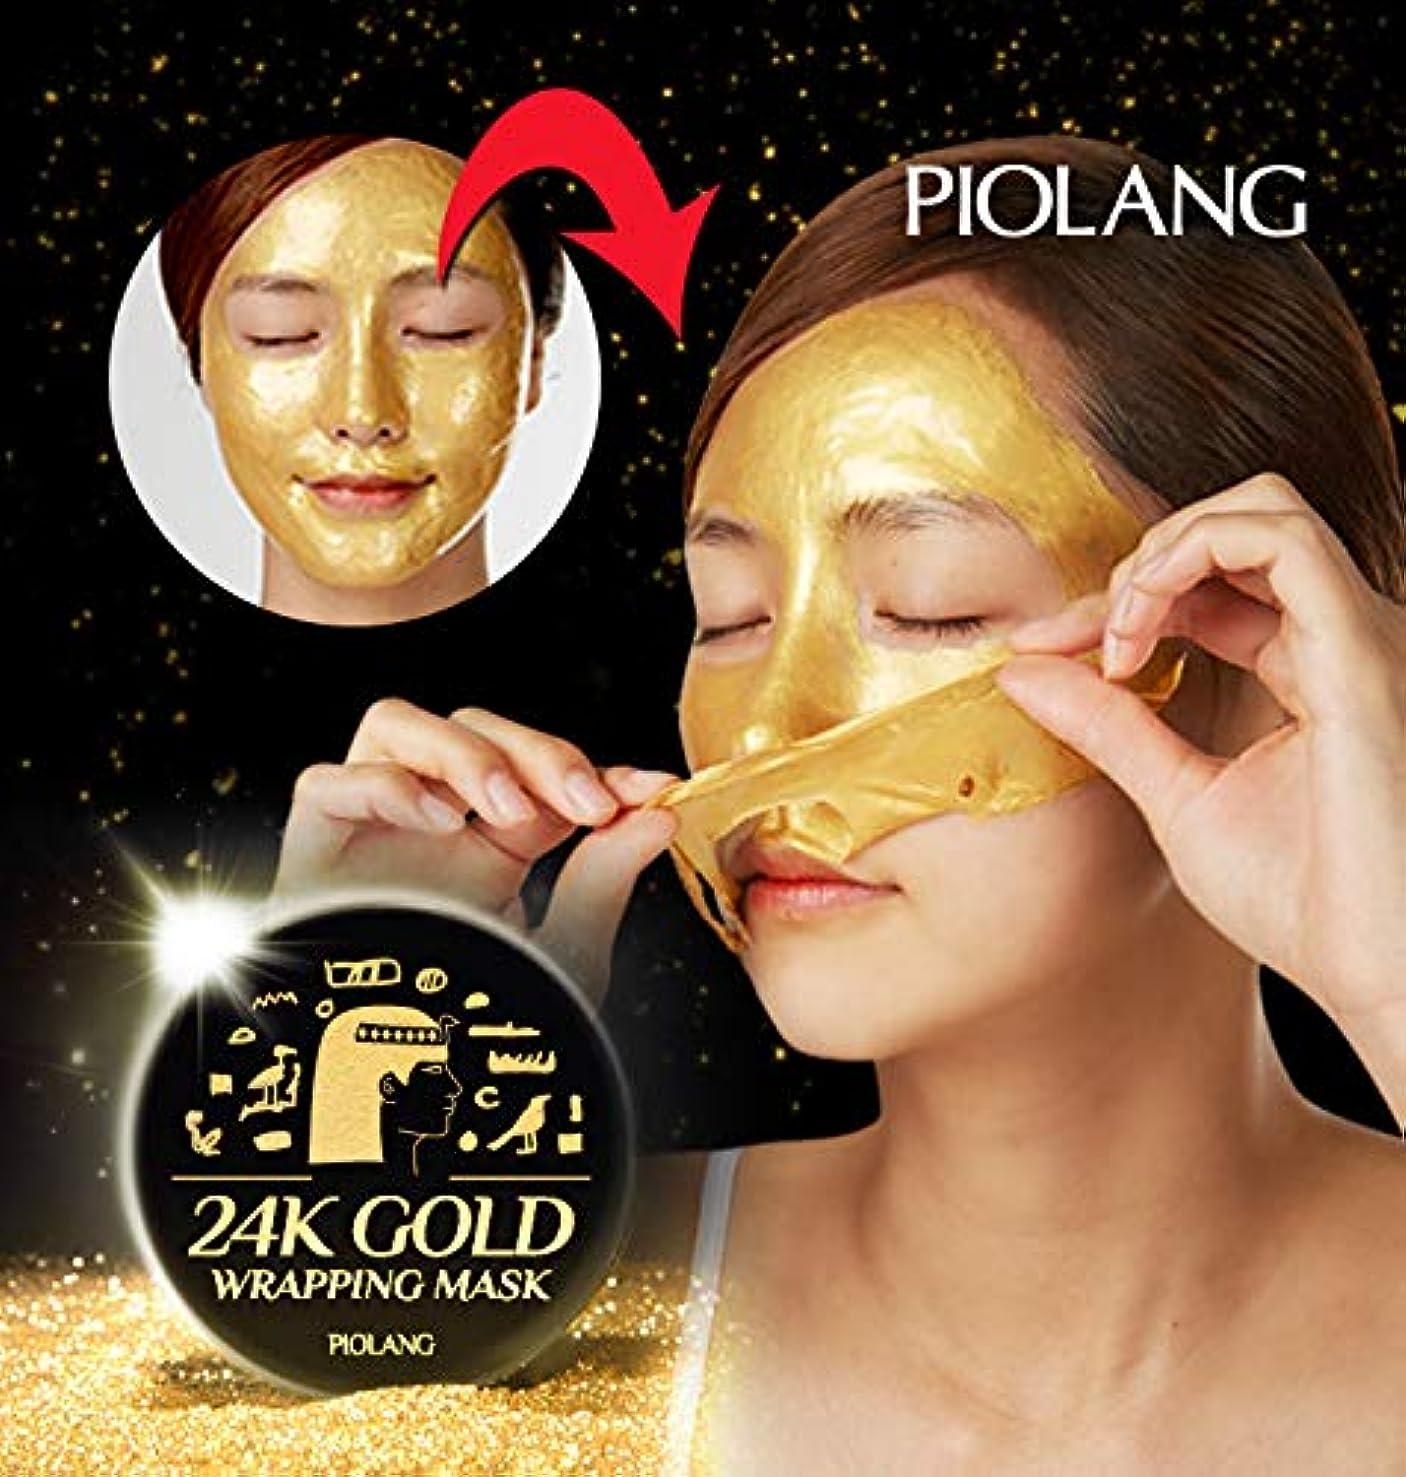 心配する直面する議論するEsthetic House[エステティックハウス] ピオラン(Piolang) 24Kゴールドラッピングマスク80ml (しわケアパックをはがす) / 24K Gold Wrapping Mask